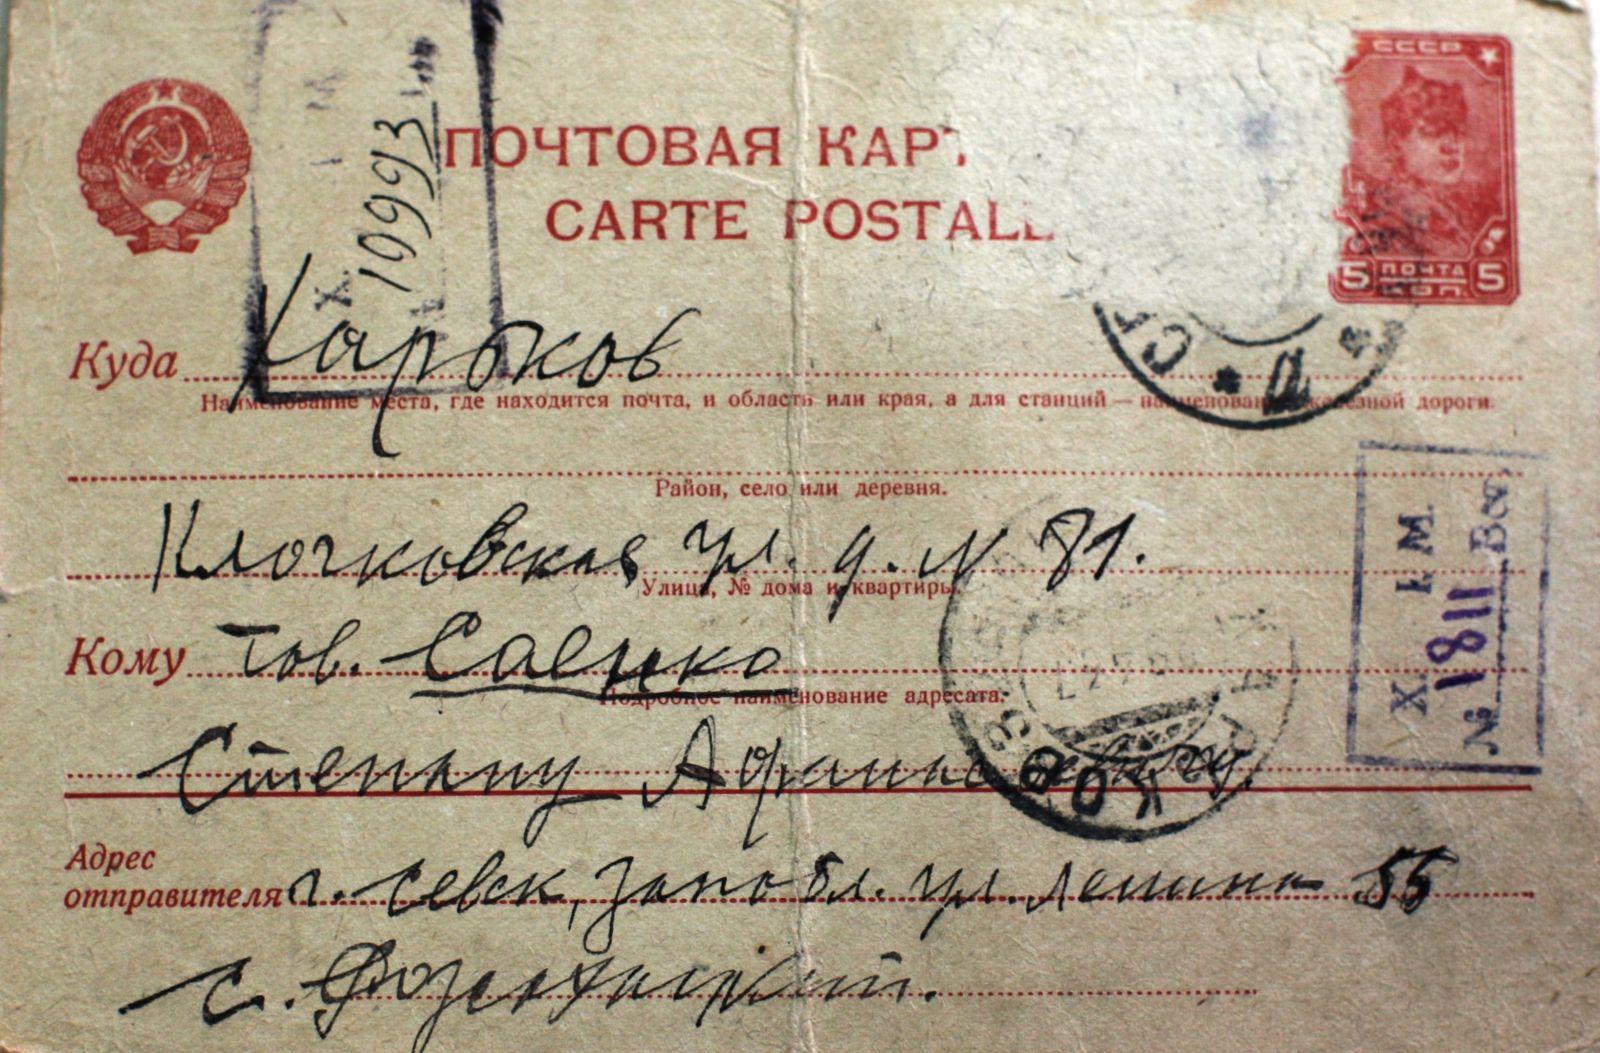 Поштова листівка з домашньою адресою Саєнка. З колекції ХІМ